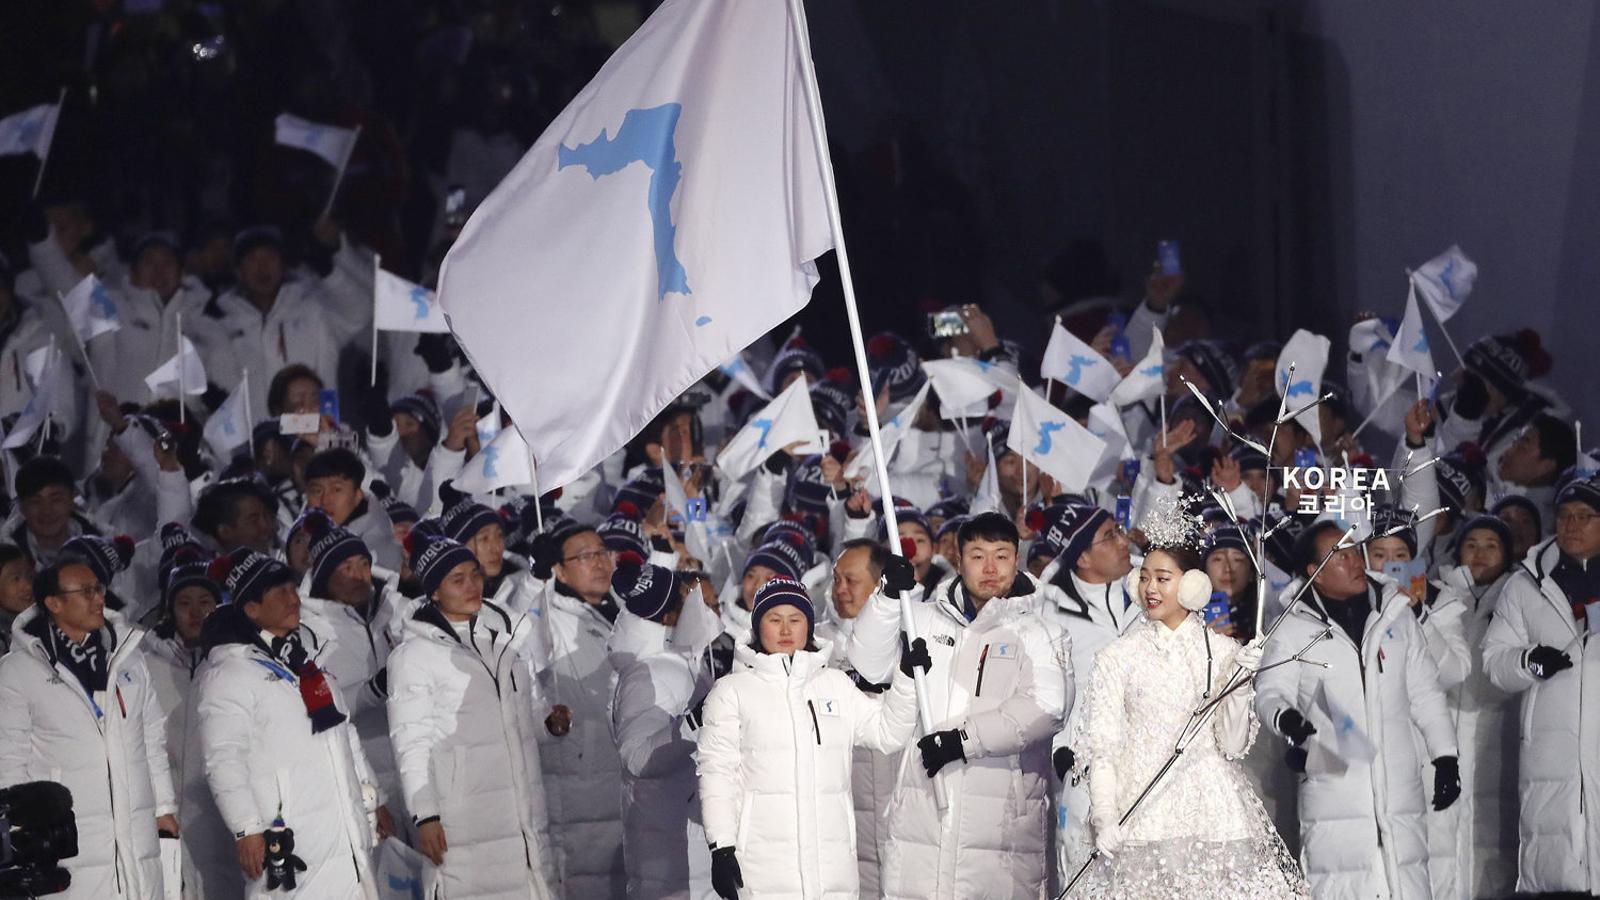 Les dues Corees escenifiquen  els Jocs de la Pau desfilant juntes